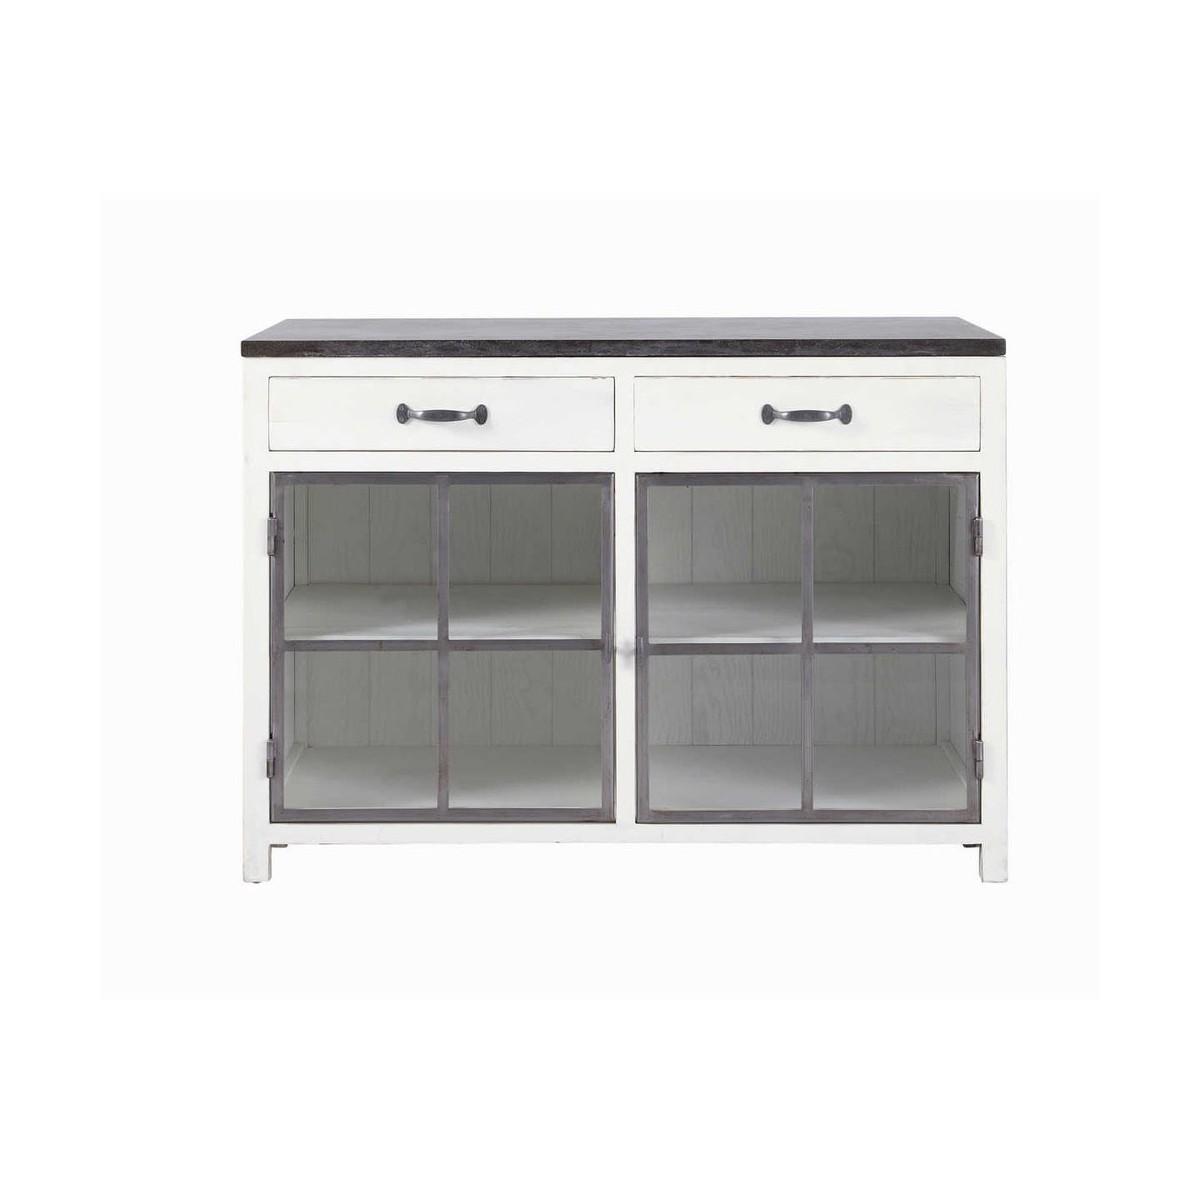 meuble bas vitré de cuisine en bois recyclé et pierre blanc l 120 cm - Meuble De Cuisine 120 Cm